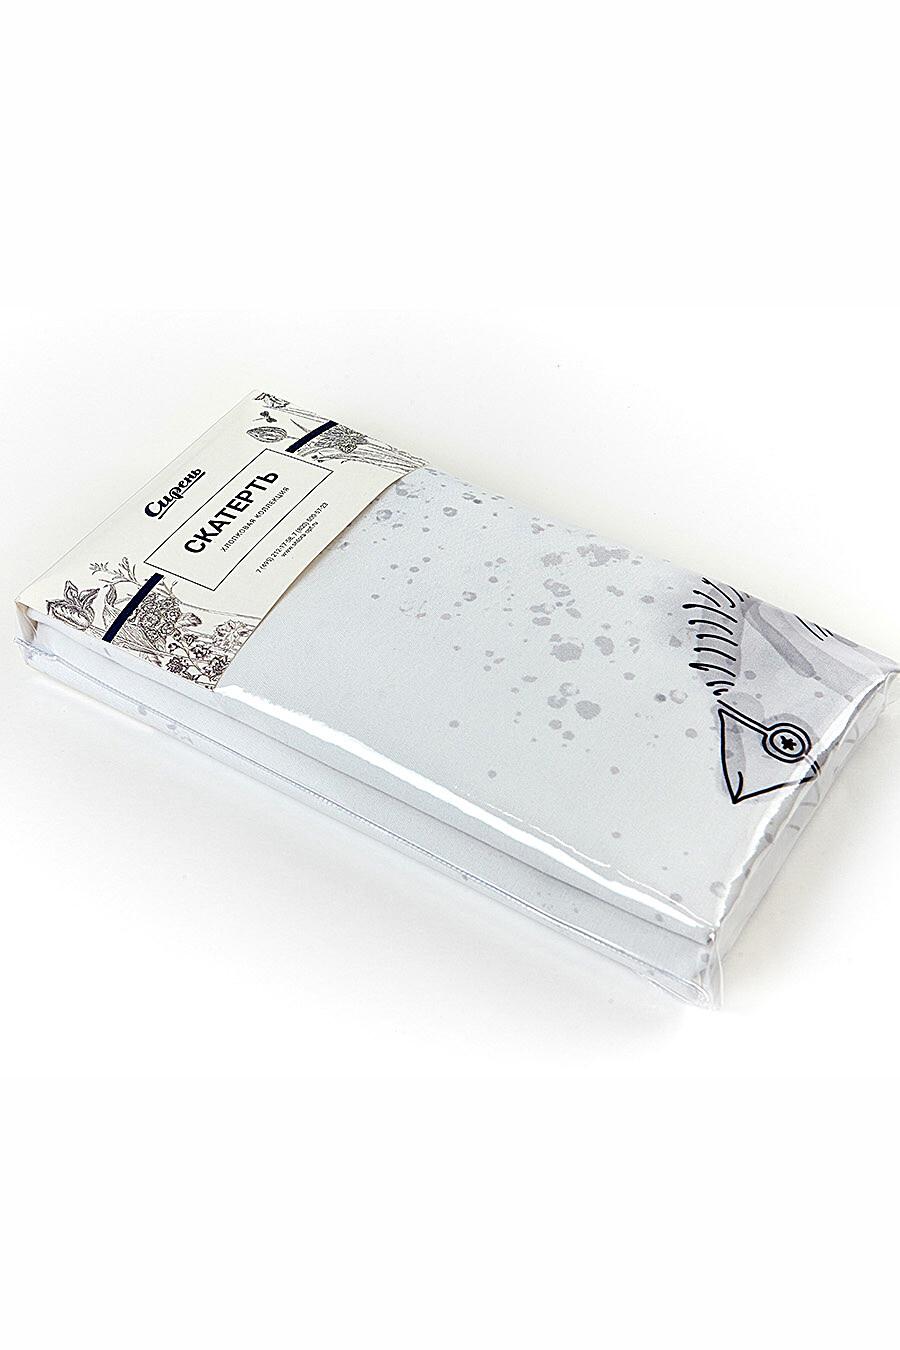 Скатерть прямоугольня для дома ART HOME TEXTILE 131103 купить оптом от производителя. Совместная покупка товаров для дома в OptMoyo